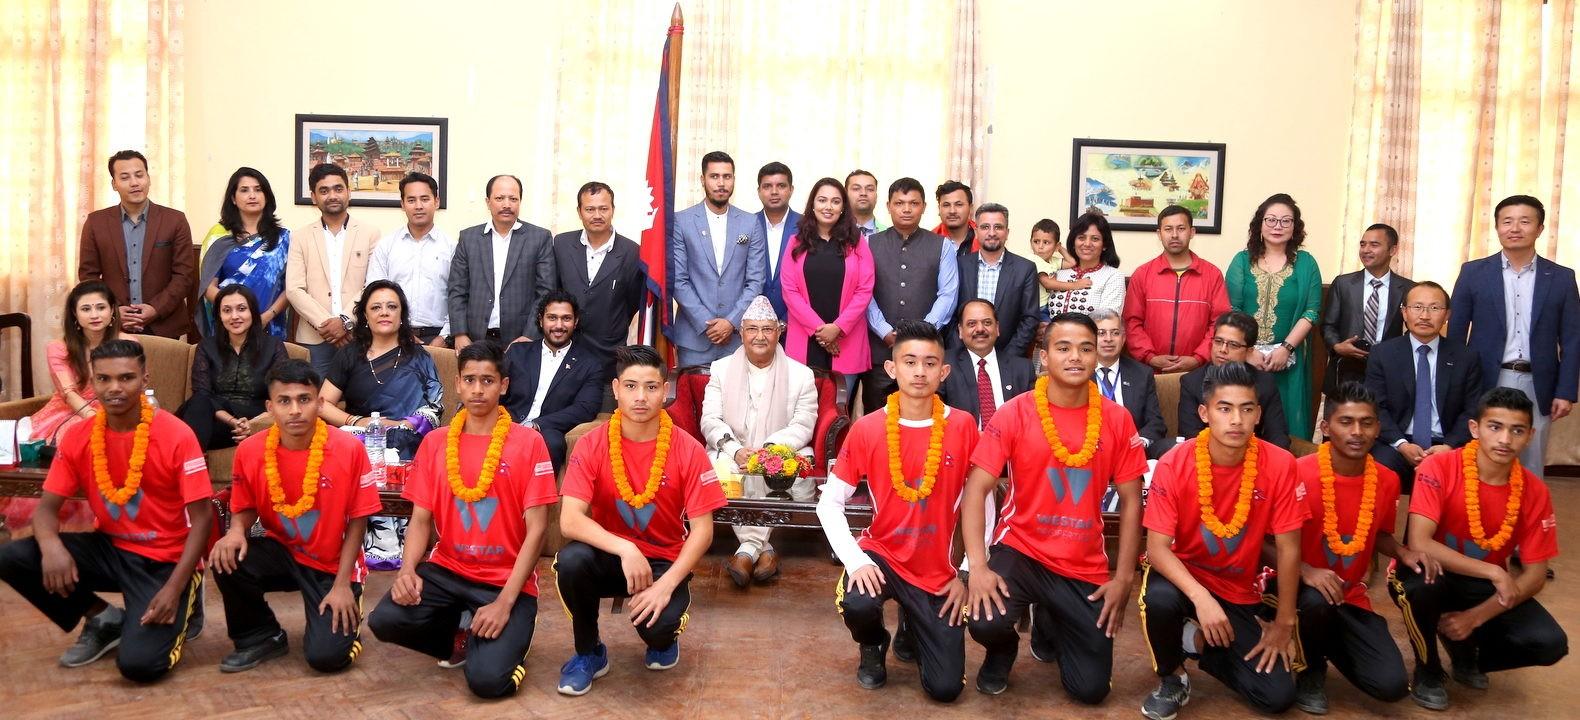 स्ट्रिट चाइल्ड वल्र्डकपः विश्वकप खेल्ने नेपाली टोलीको बिदाई